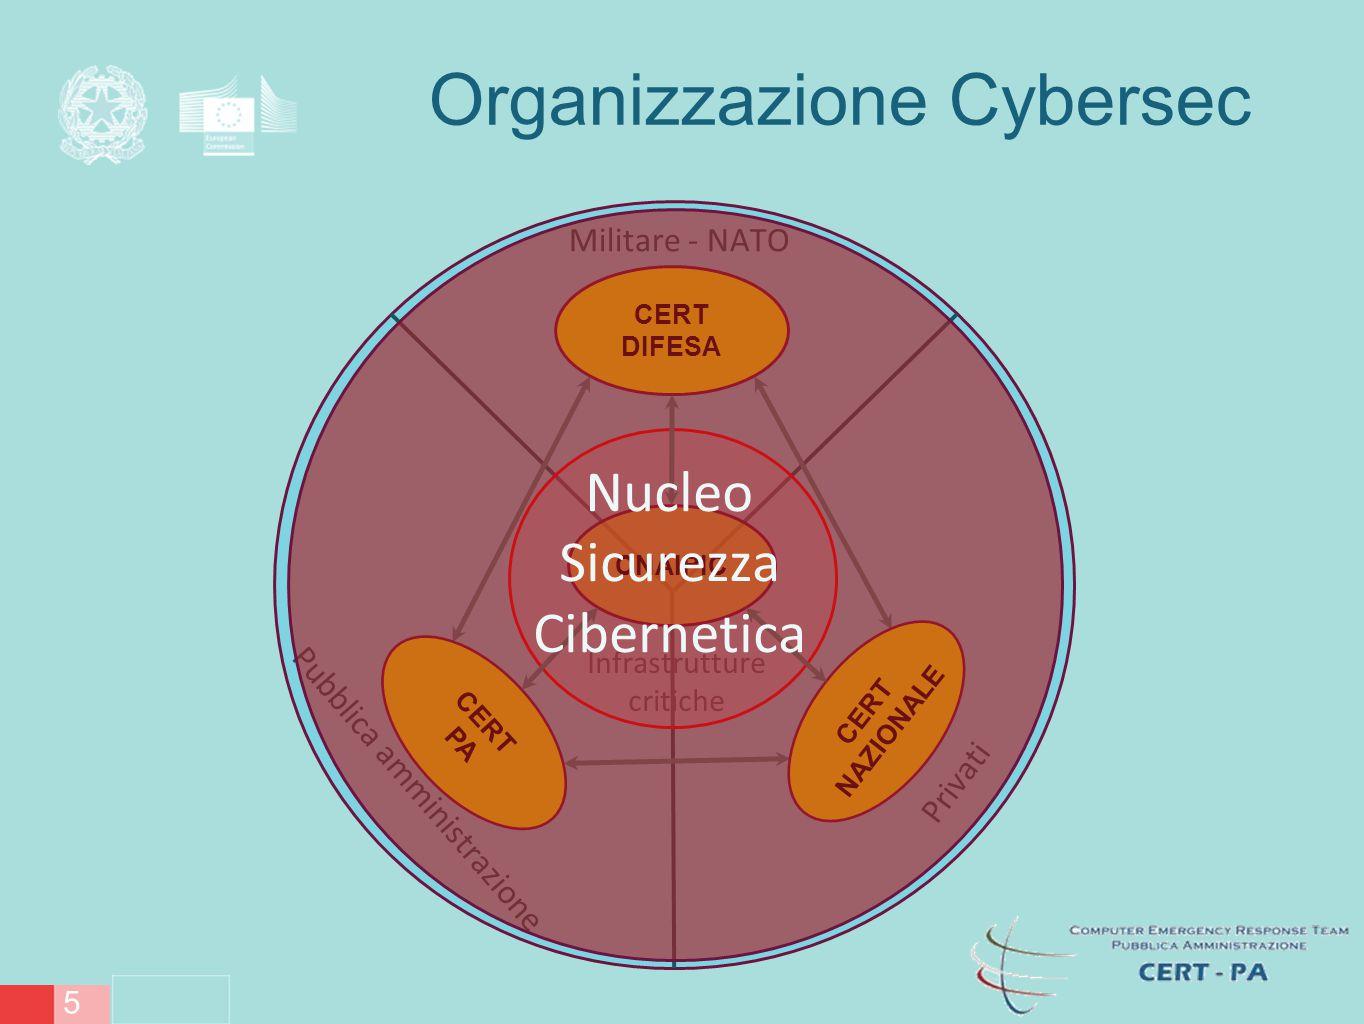 /13 6 Rapporto CIS 2014 Mancanza di strutture organizzative in grado di gestire gli eventi e rispondere agli attacchi.